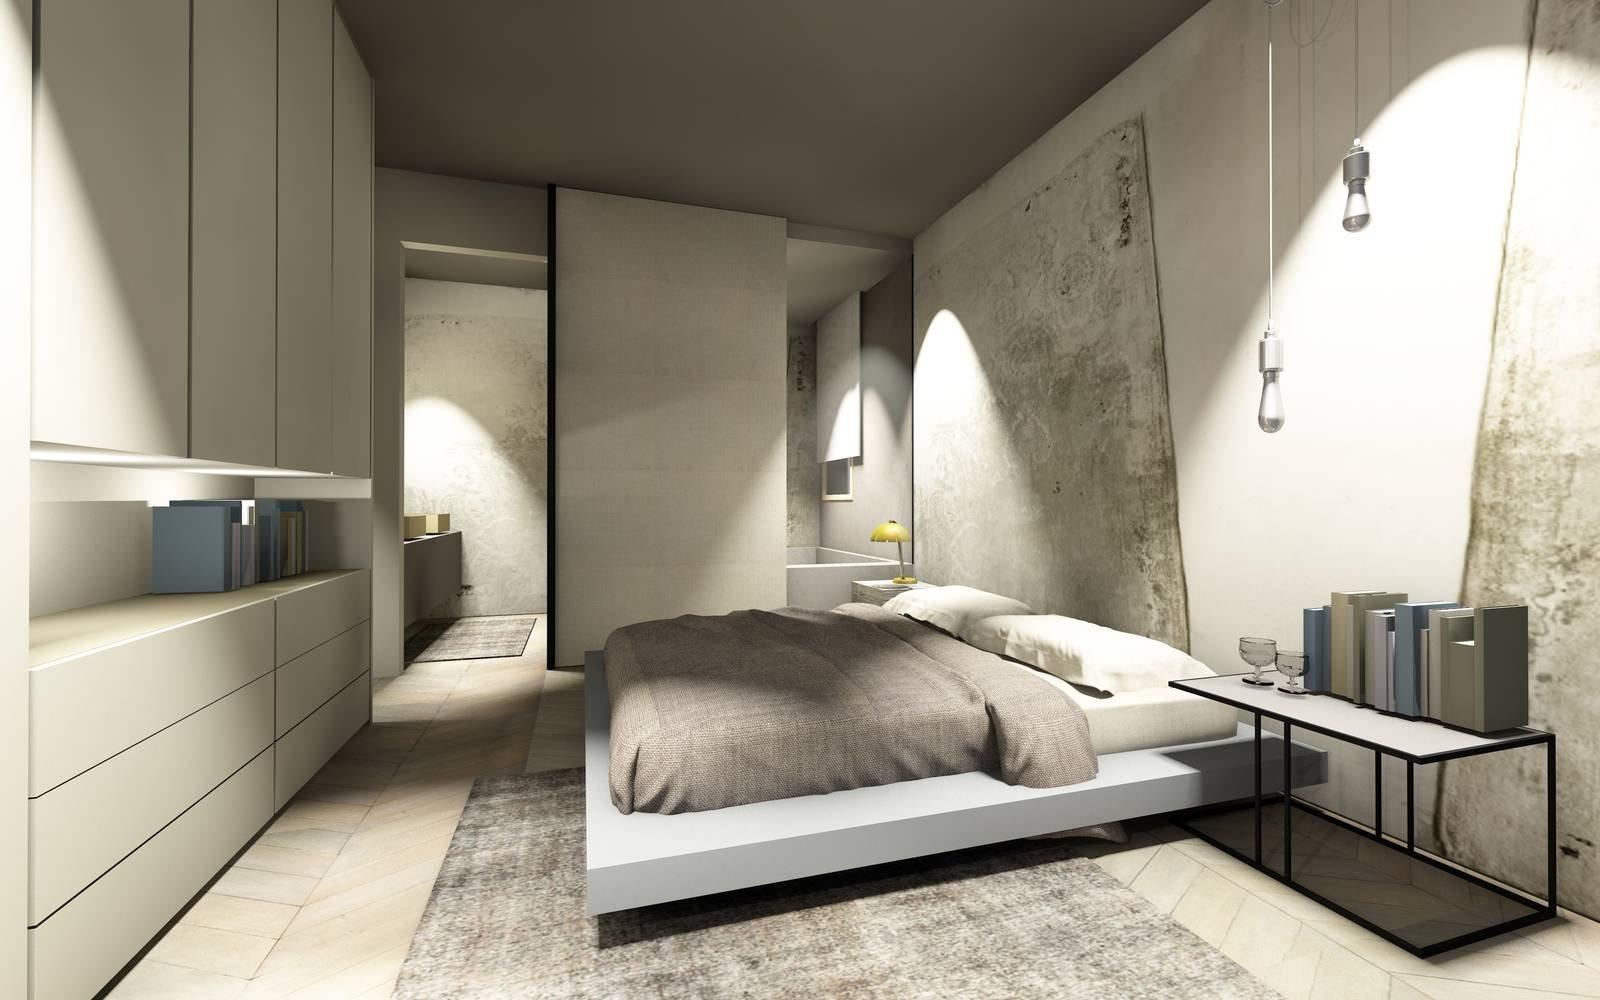 Dimensioni Finestre Camera Da Letto bagno in camera: soluzioni d'effetto - cose di casa